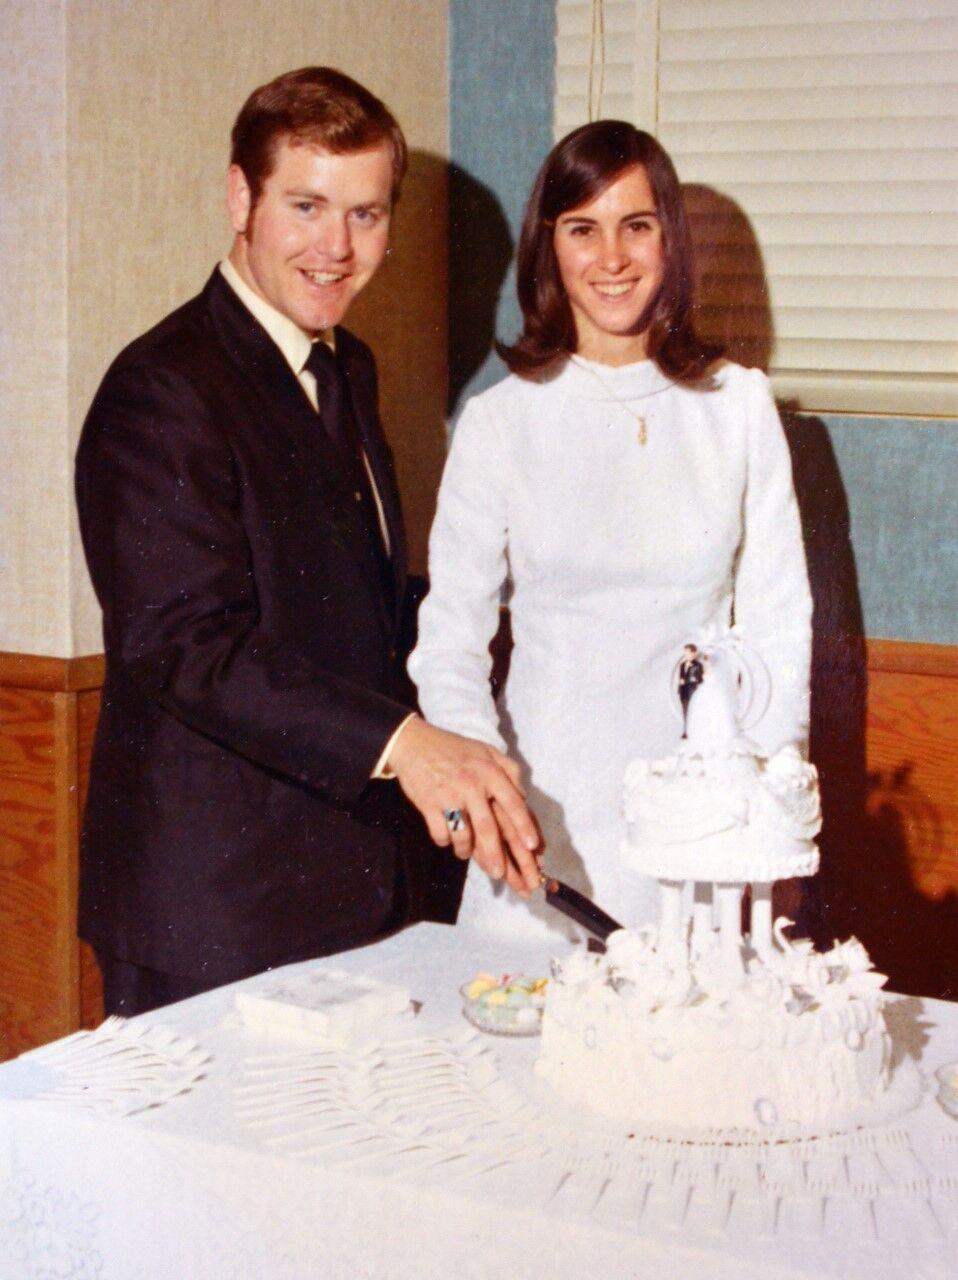 Eric and Shari Bosler 1970